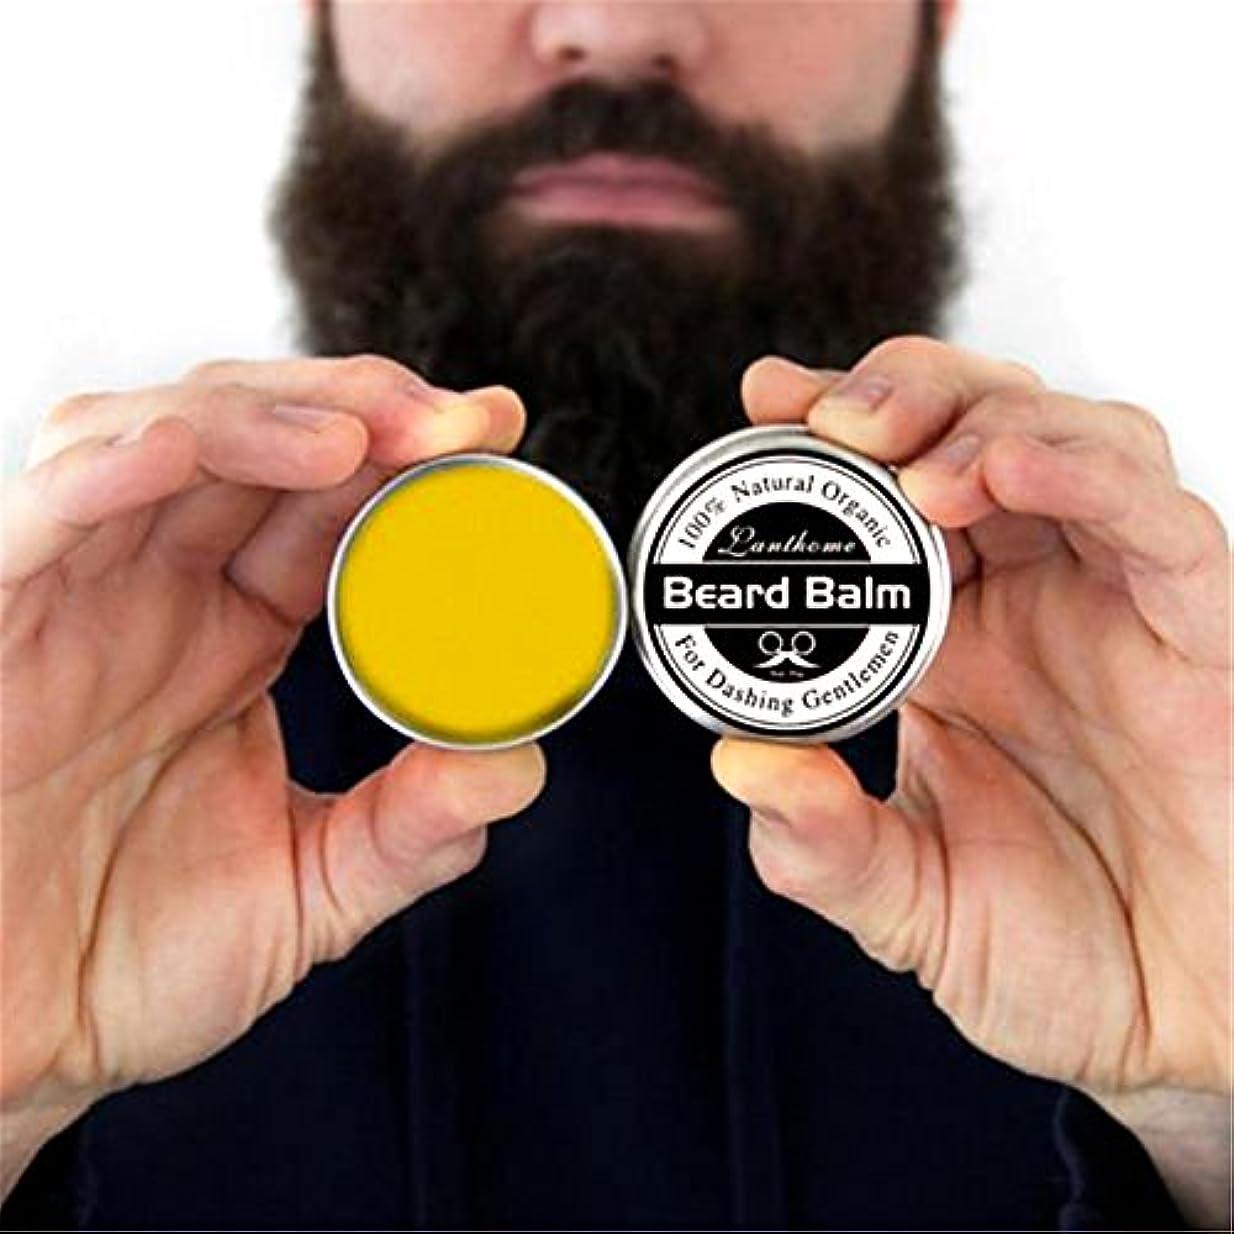 大胆不敵ミシンオフRuier-tong ビアードバーム メンズひげワックス 口髭用ワックス ひげクリーム 保湿/滋養/ひげ根のケアなどの効果  ひげケア必需品 携帯便利